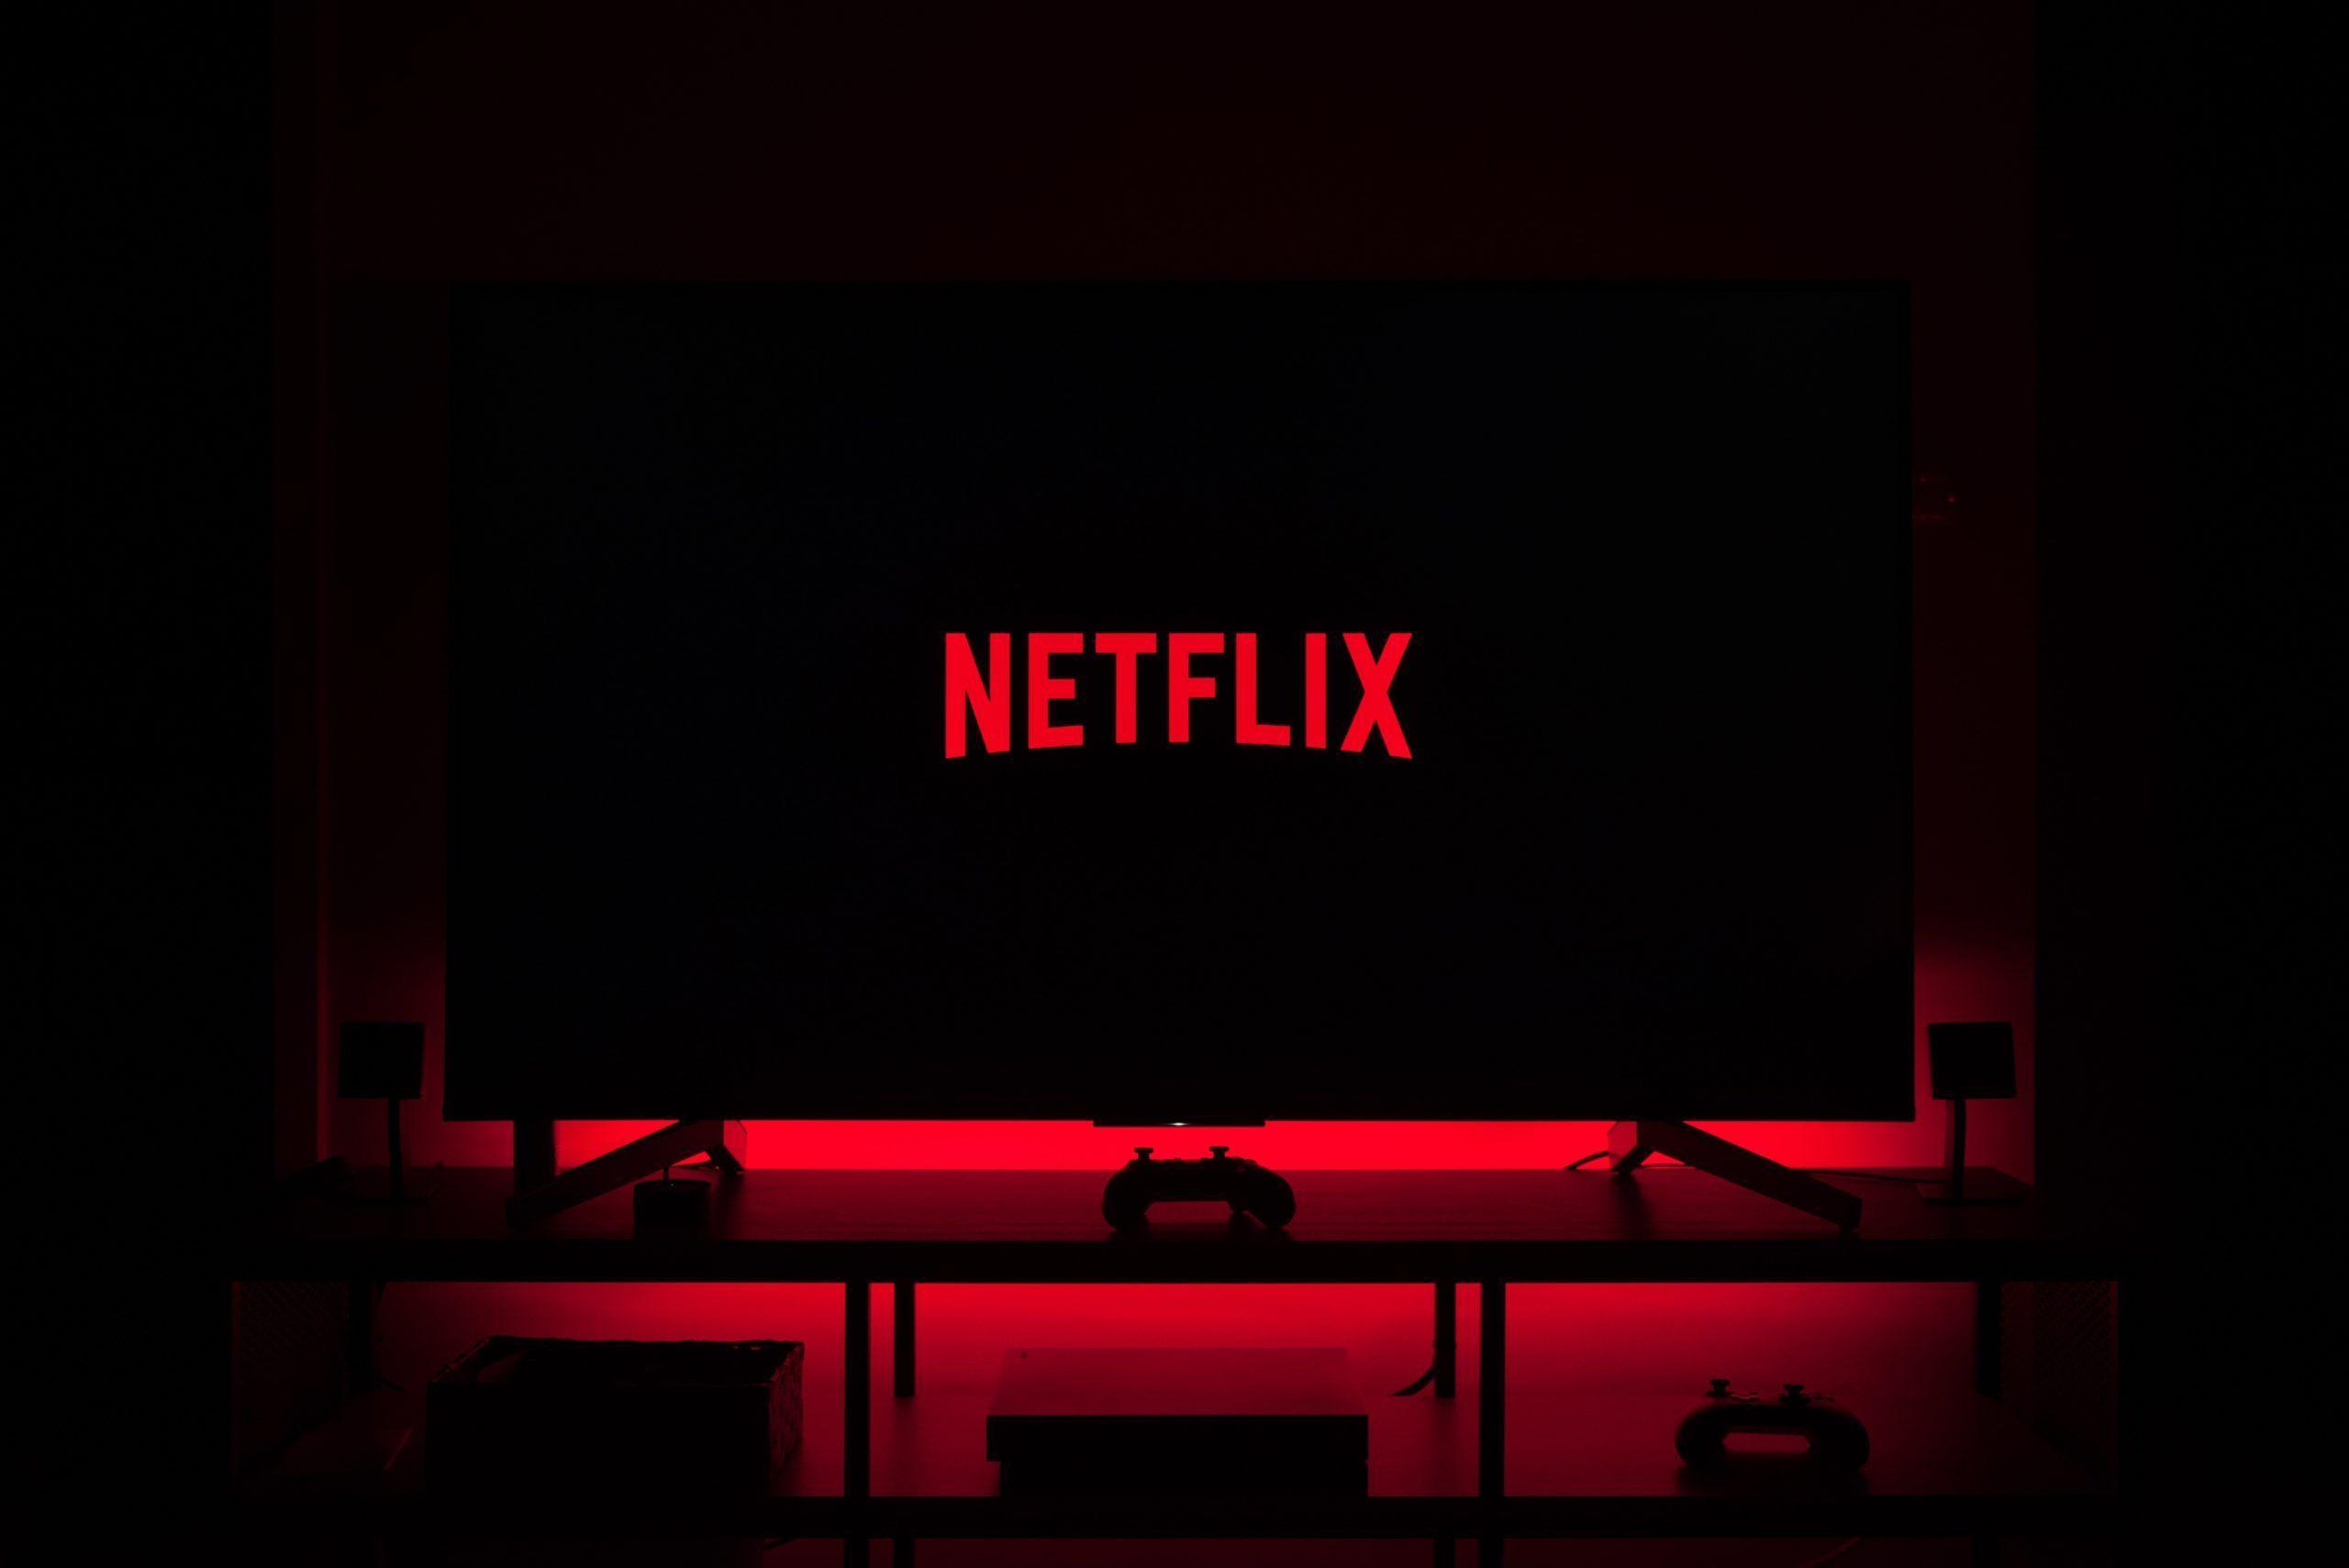 Cómo descargar temporada completa Netflix